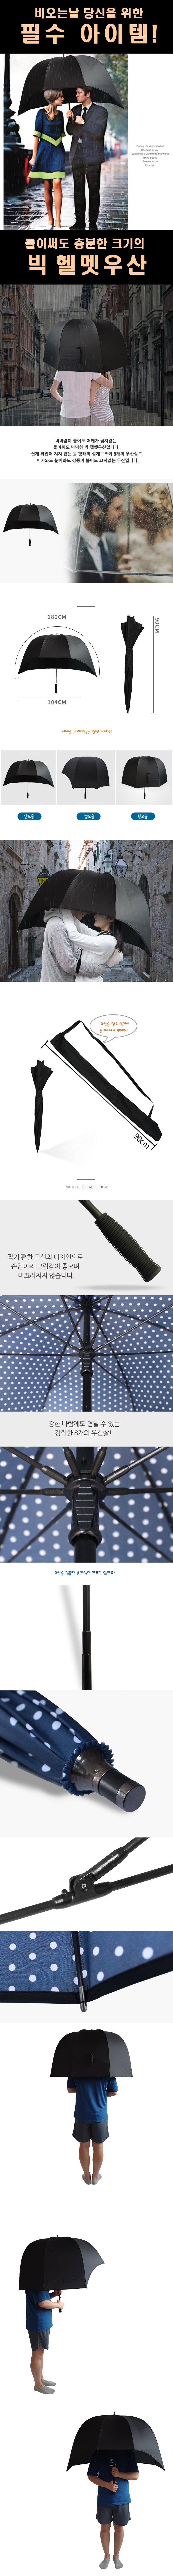 블랙빅헬멧우산 - 제이엔터프라이스, 30,000원, 우산, 수동장우산